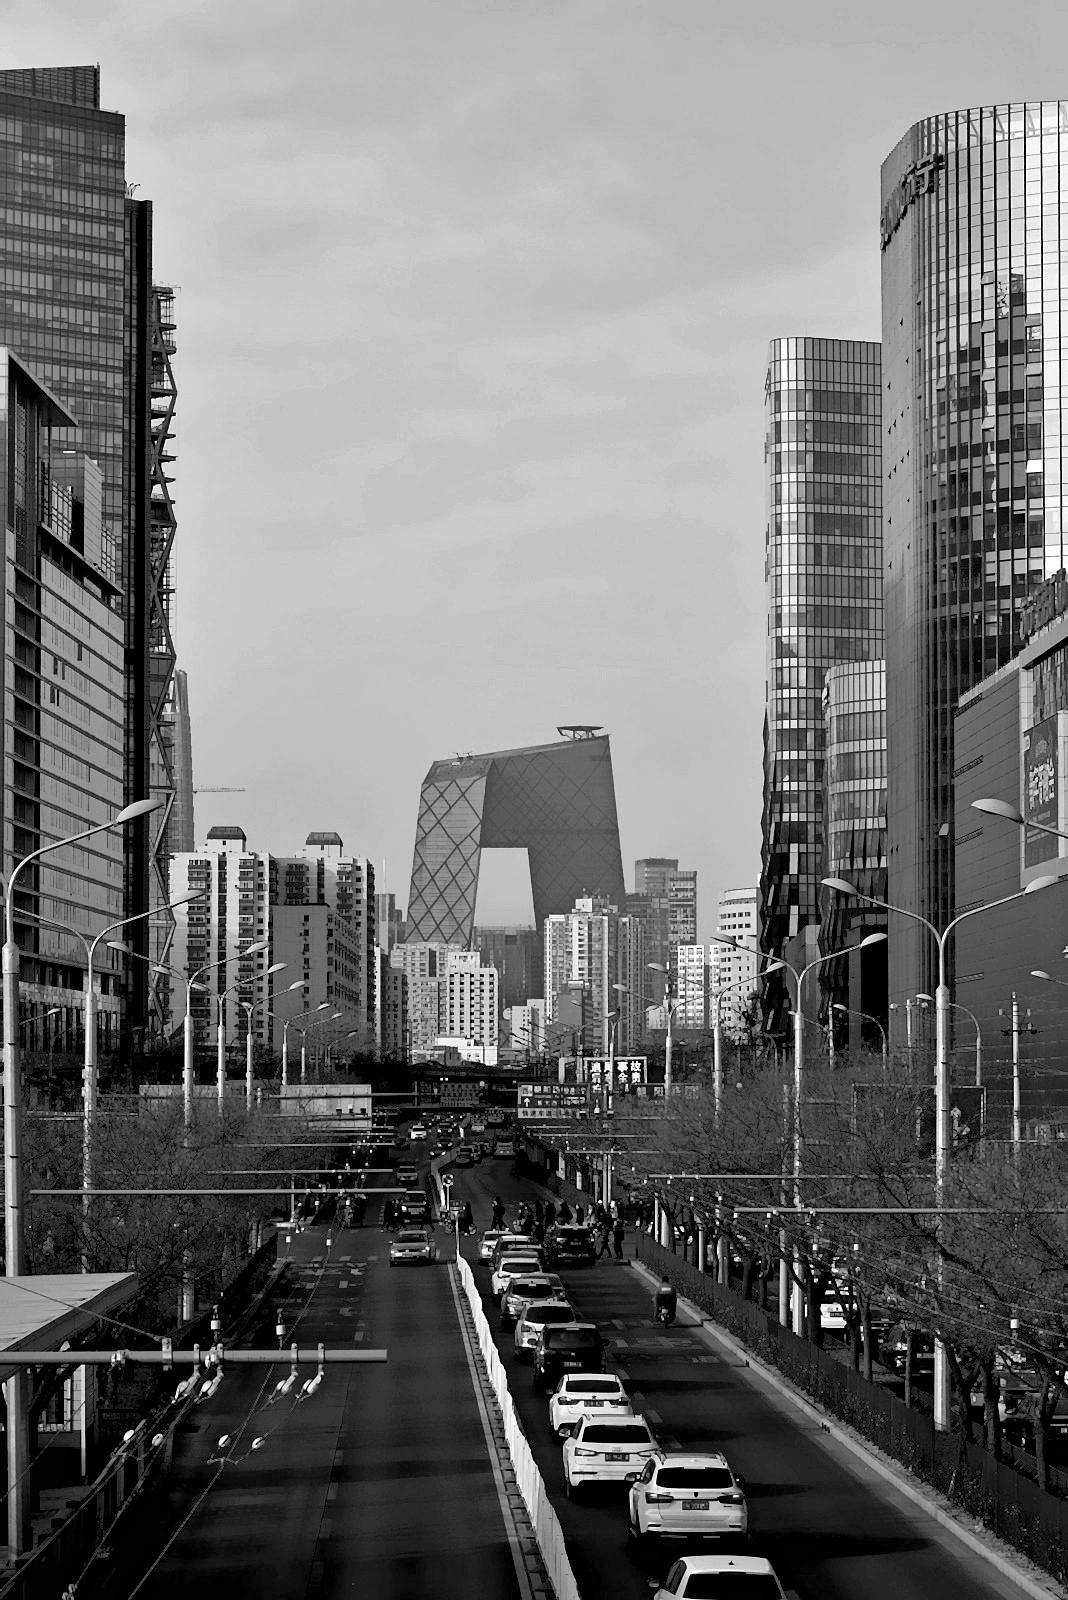 老张喜爱摄影作品:北京市里一条普通街道